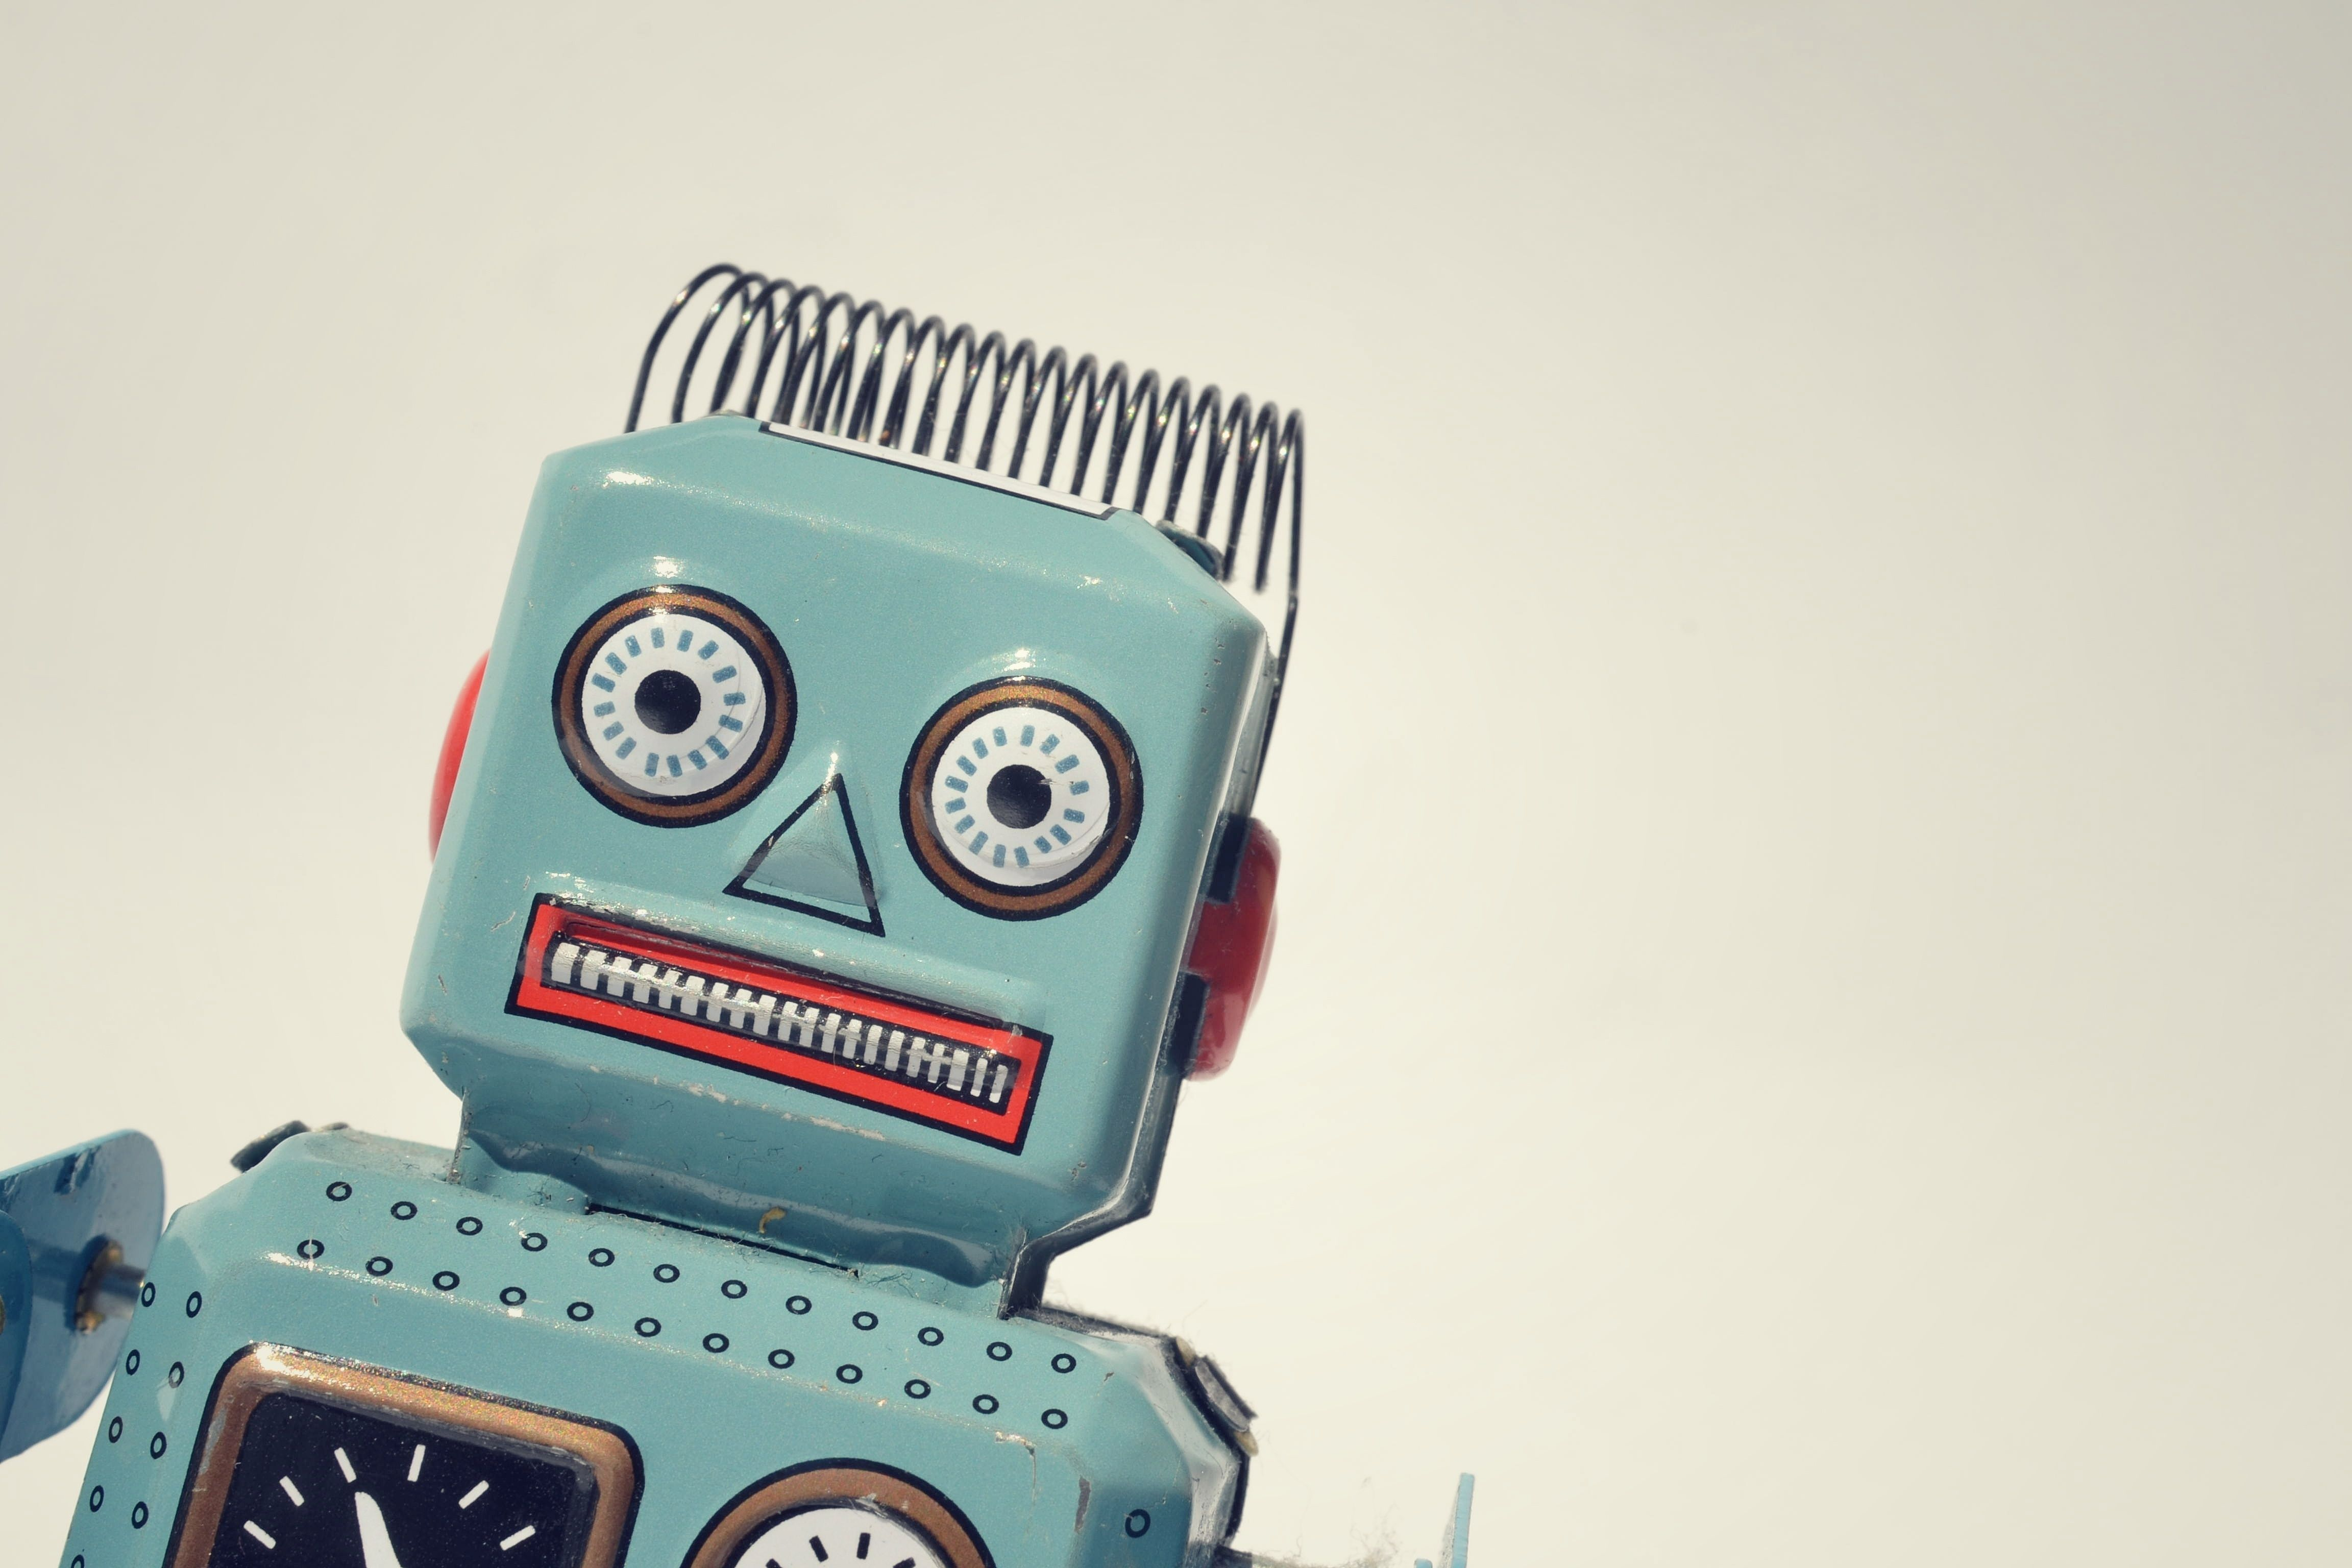 当我们谈论机器人的时候,我们到底该谈什么?